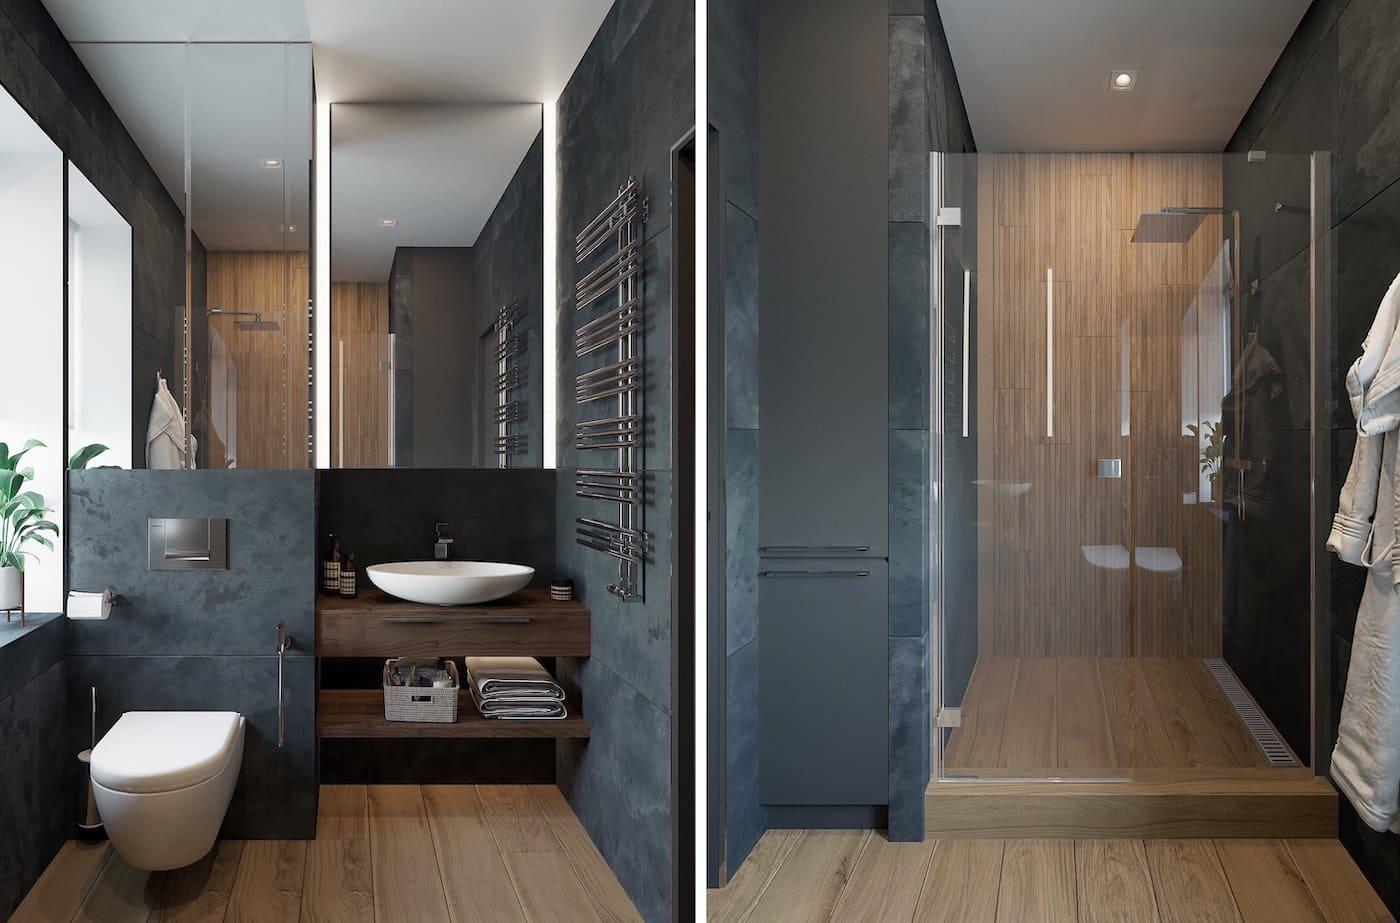 дизайн интерьера ванной комнаты фото 74